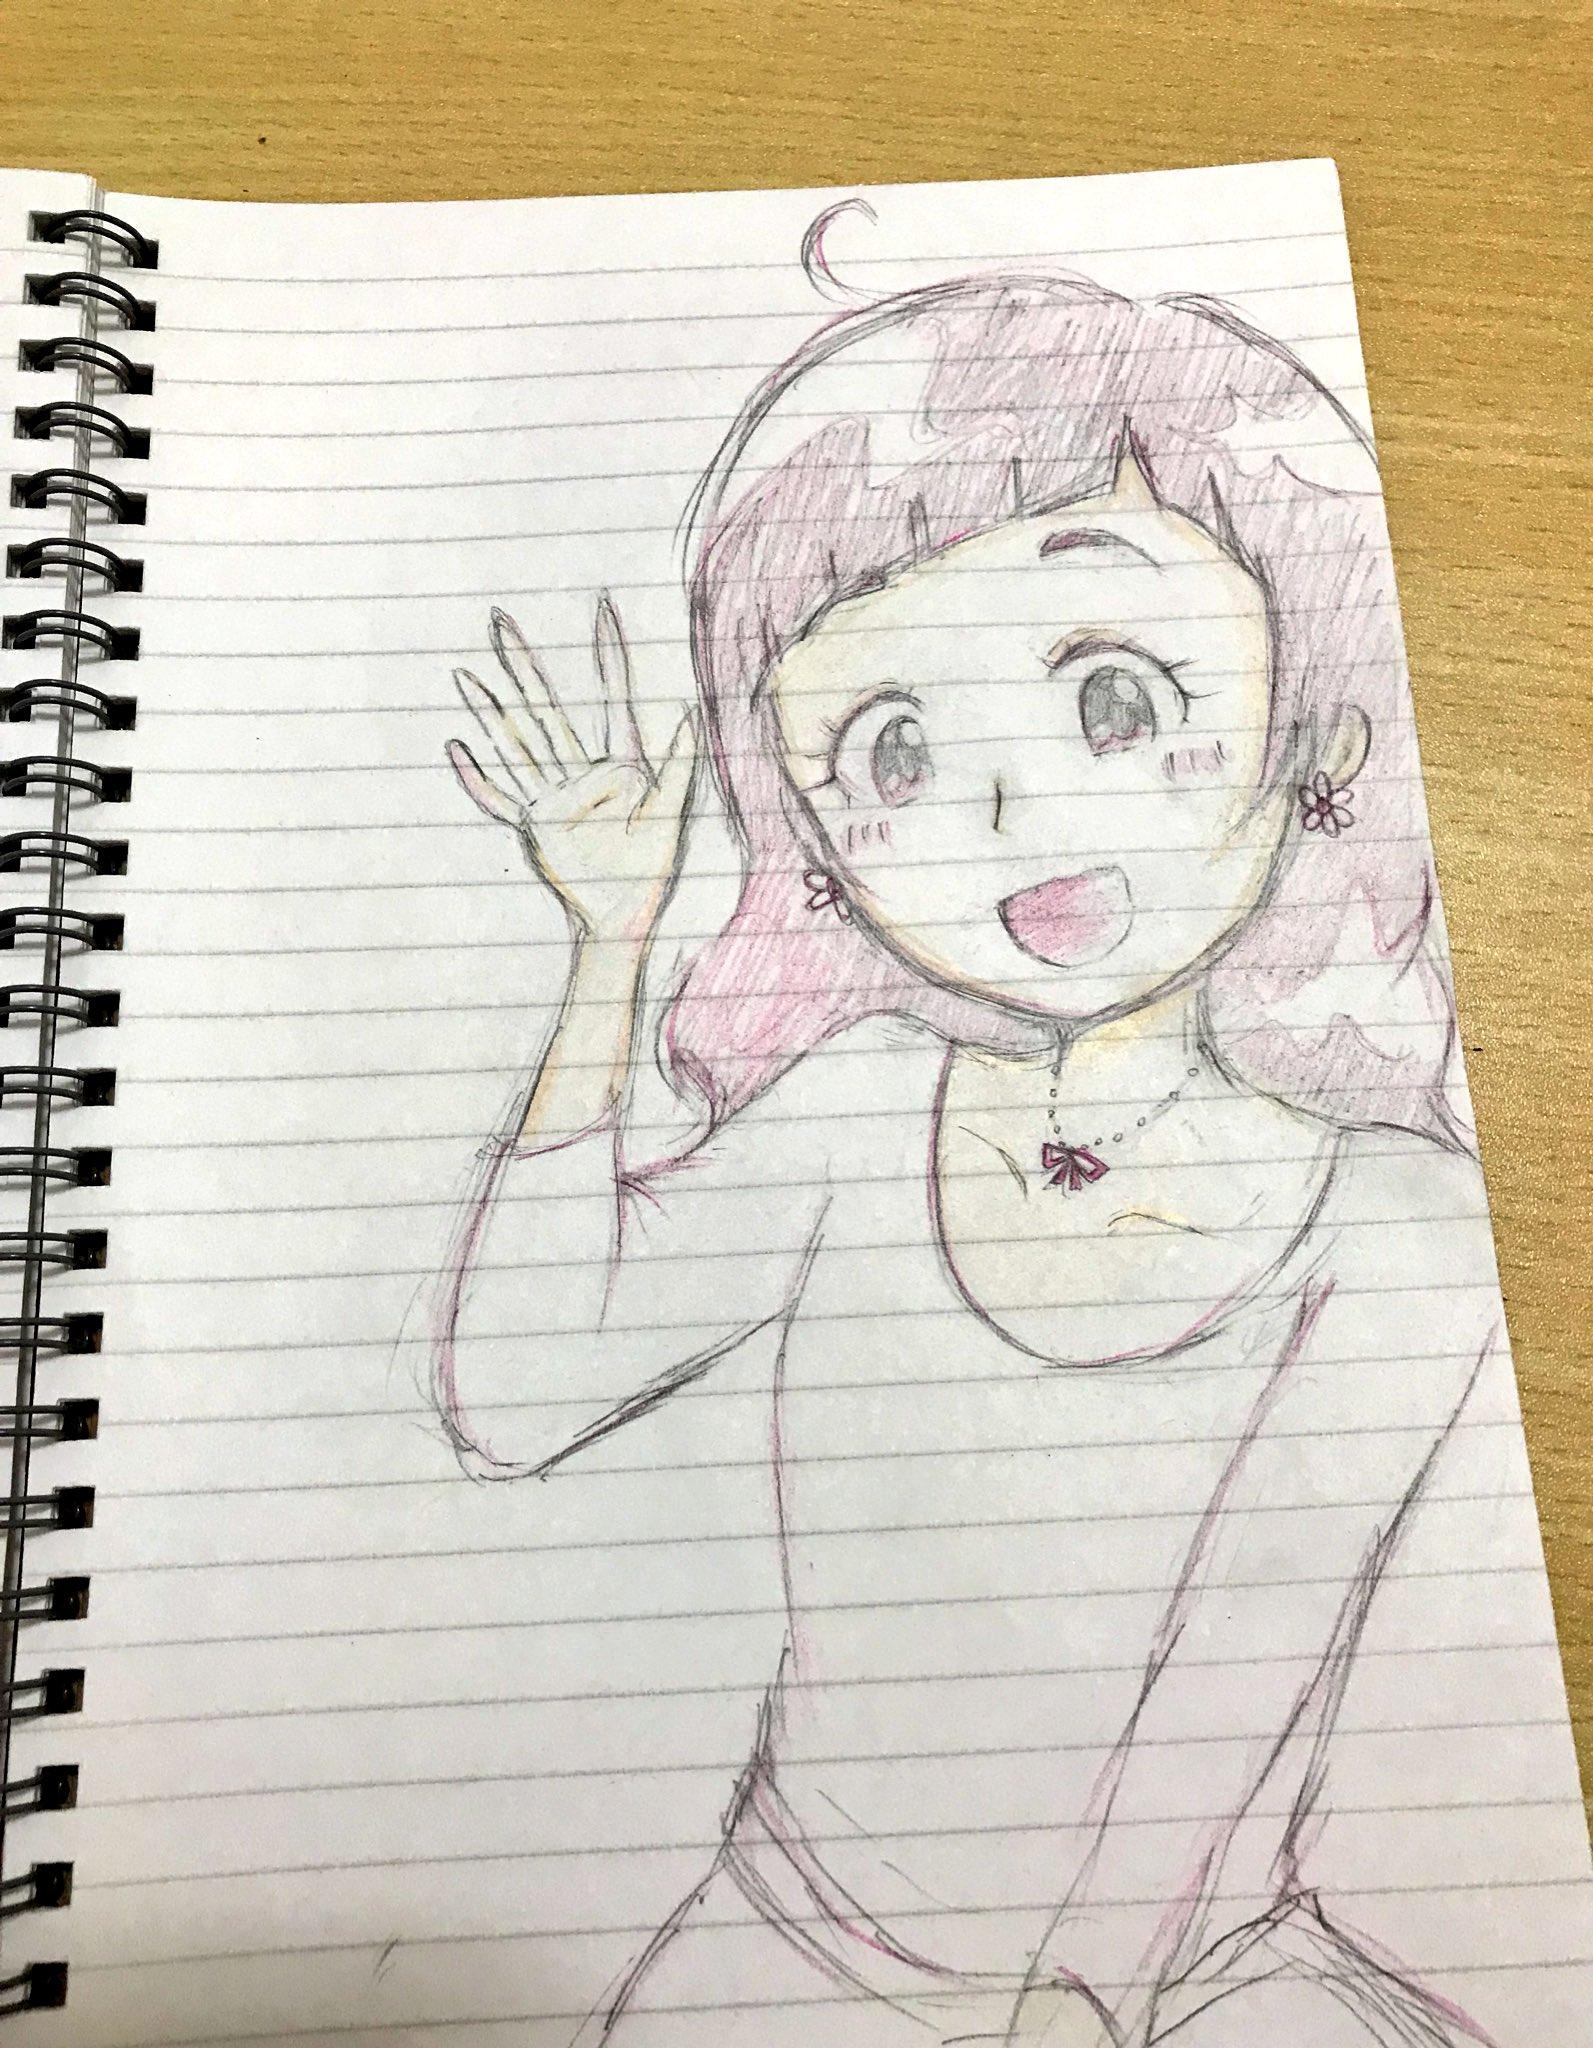 な (@natchan_and_m)さんのイラスト